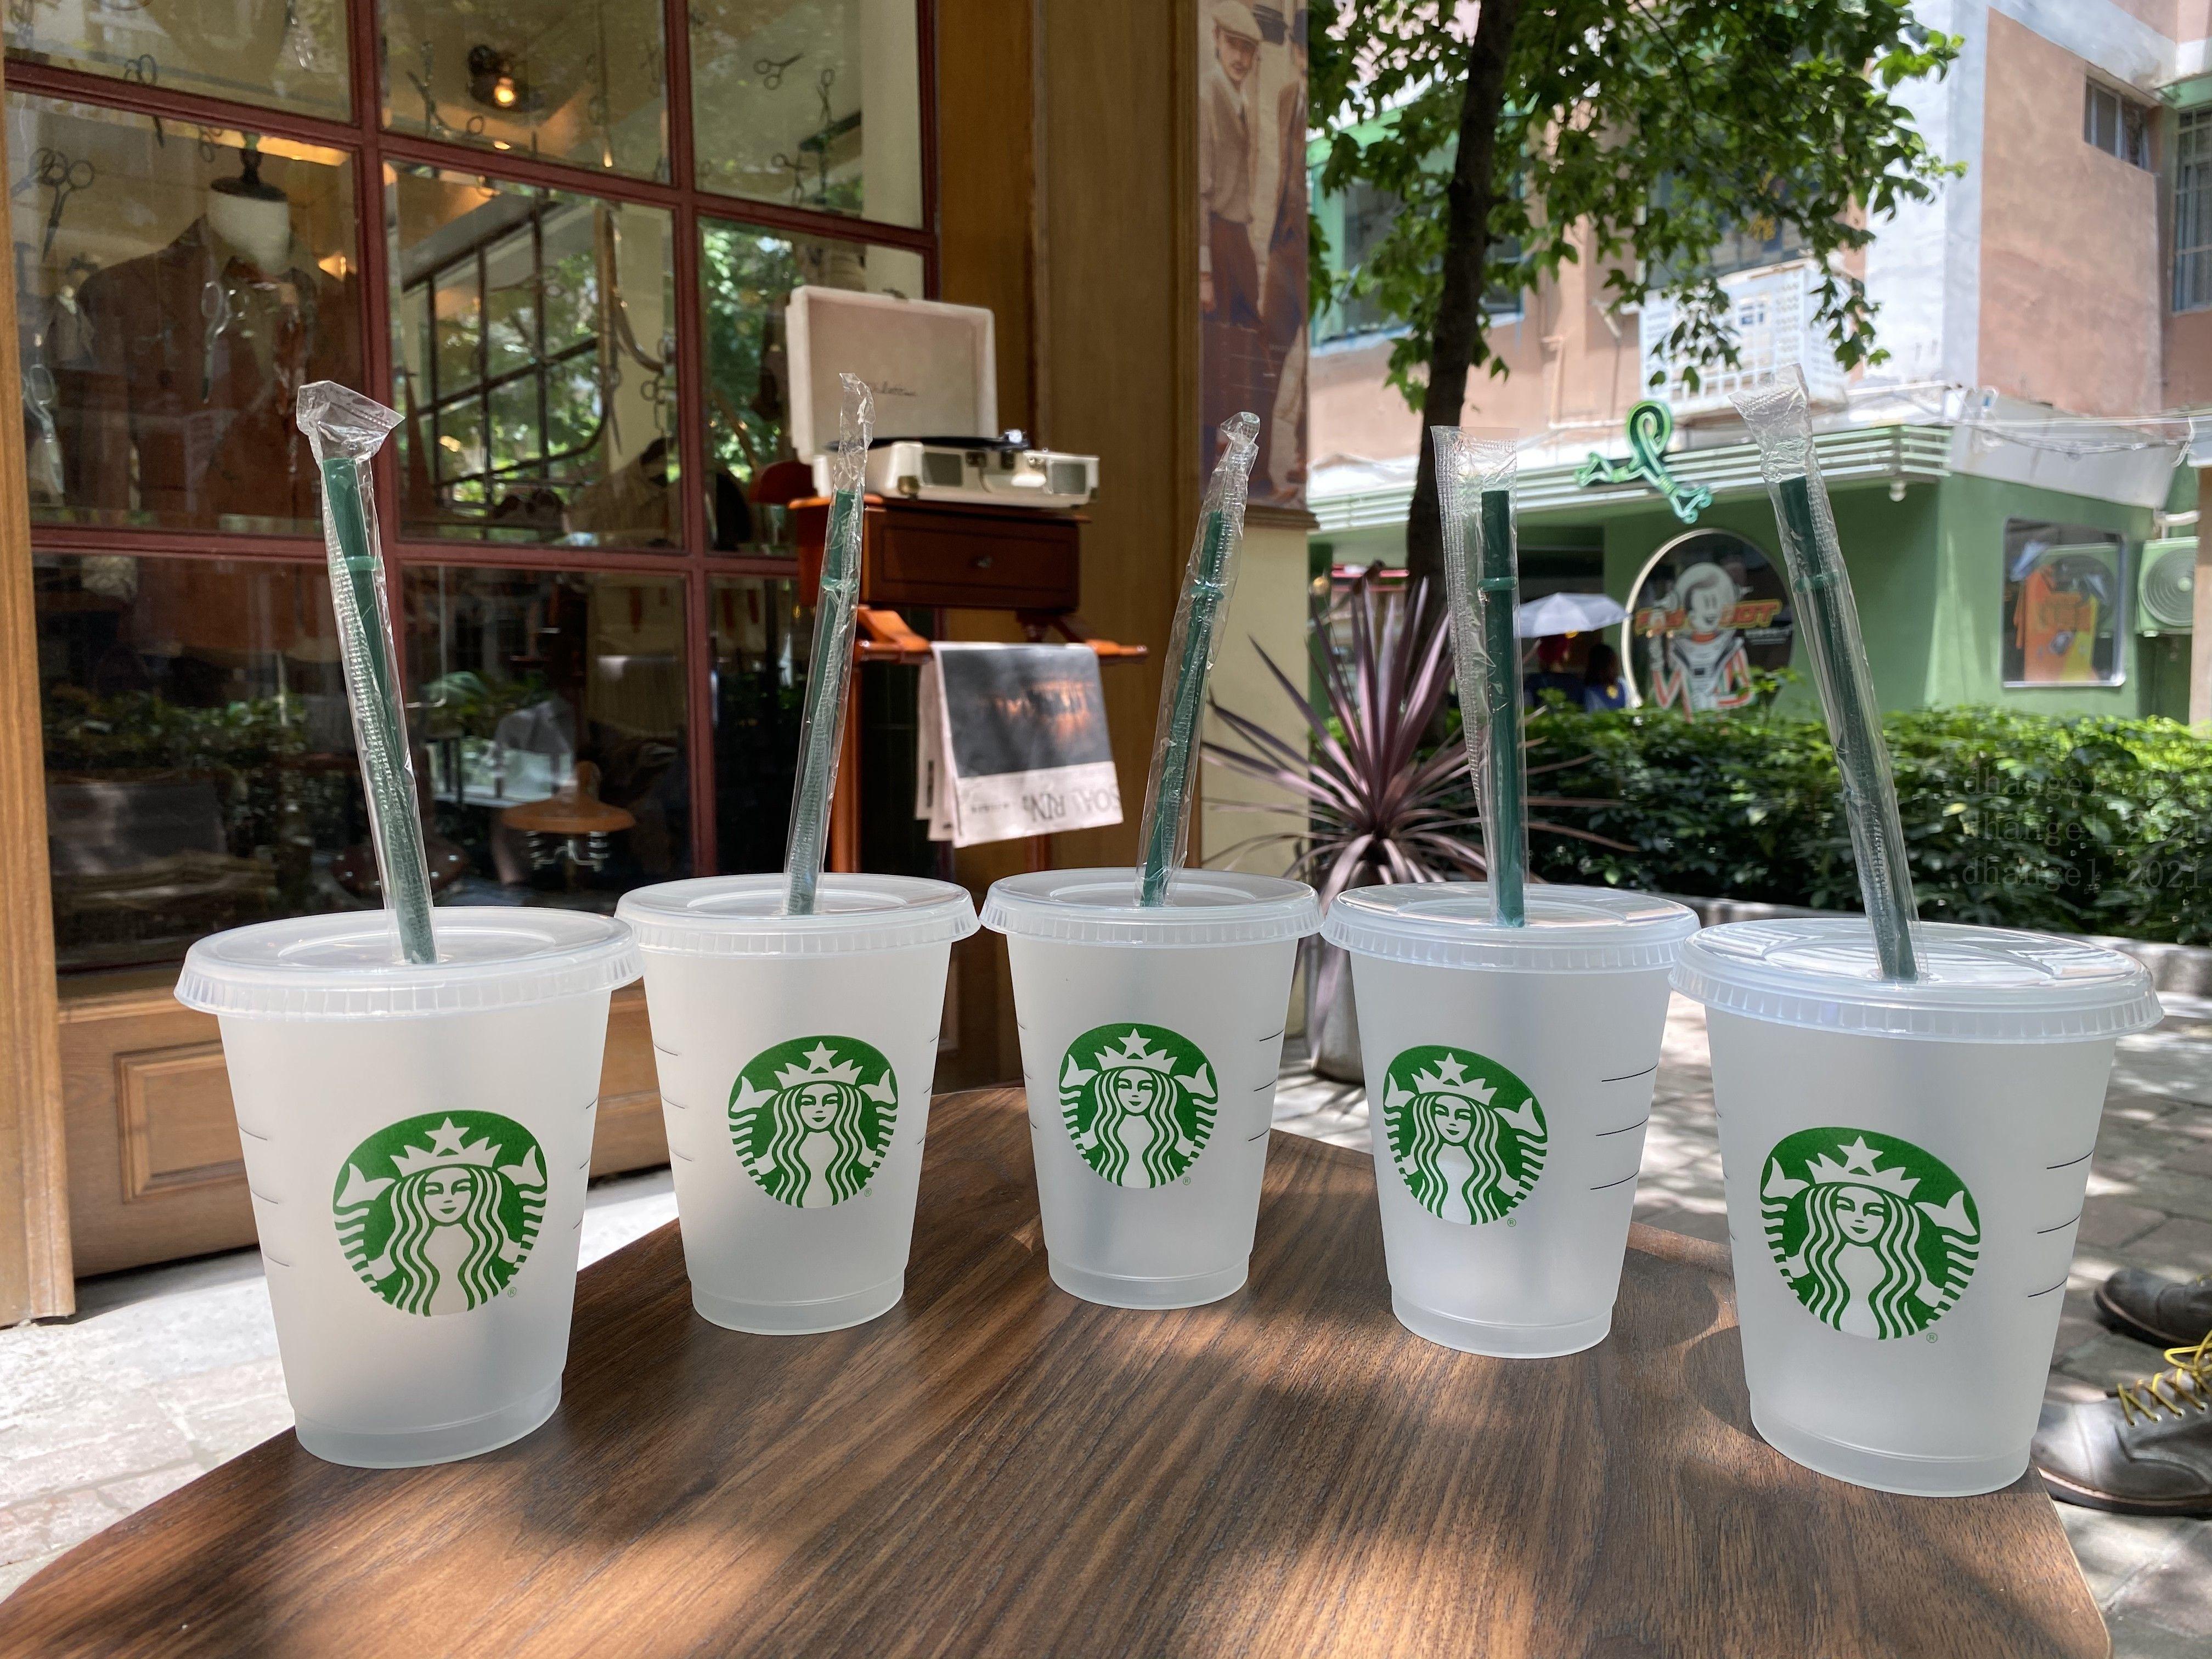 Starbucks Meerjungfrau Göttin 16Oz / 473ml Kunststoff Tassen Tumbler wiederverwendbarer Stroh Milch Tee kalt Wasser Tassen